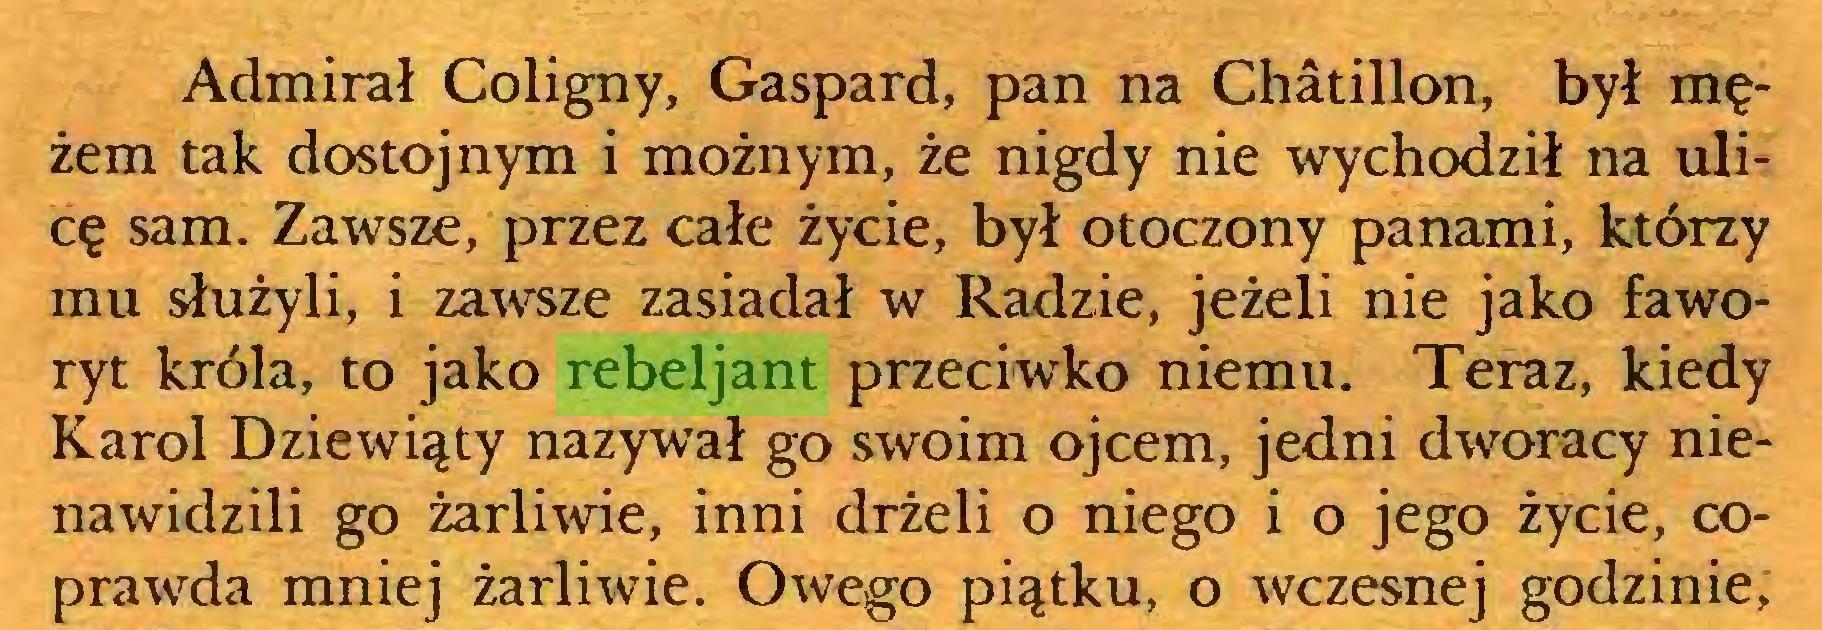 (...) Admirał Coligny, Gaspard, pan na Chatillon, był mężem tak dostojnym i możnym, że nigdy nie wychodził na ulicę sam. Zawsze, przez całe życie, był otoczony panami, którzy mu służyli, i zawsze zasiadał w Radzie, jeżeli nie jako faworyt króla, to jako rebeljant przeciwko niemu. Teraz, kiedy Karol Dziewiąty nazywał go swoim ojcem, jedni dworacy nienawidzili go żarliwie, inni drżeli o niego i o jego życie, coprawda mniej żarliwie. Owego piątku, o wczesnej godzinie,...